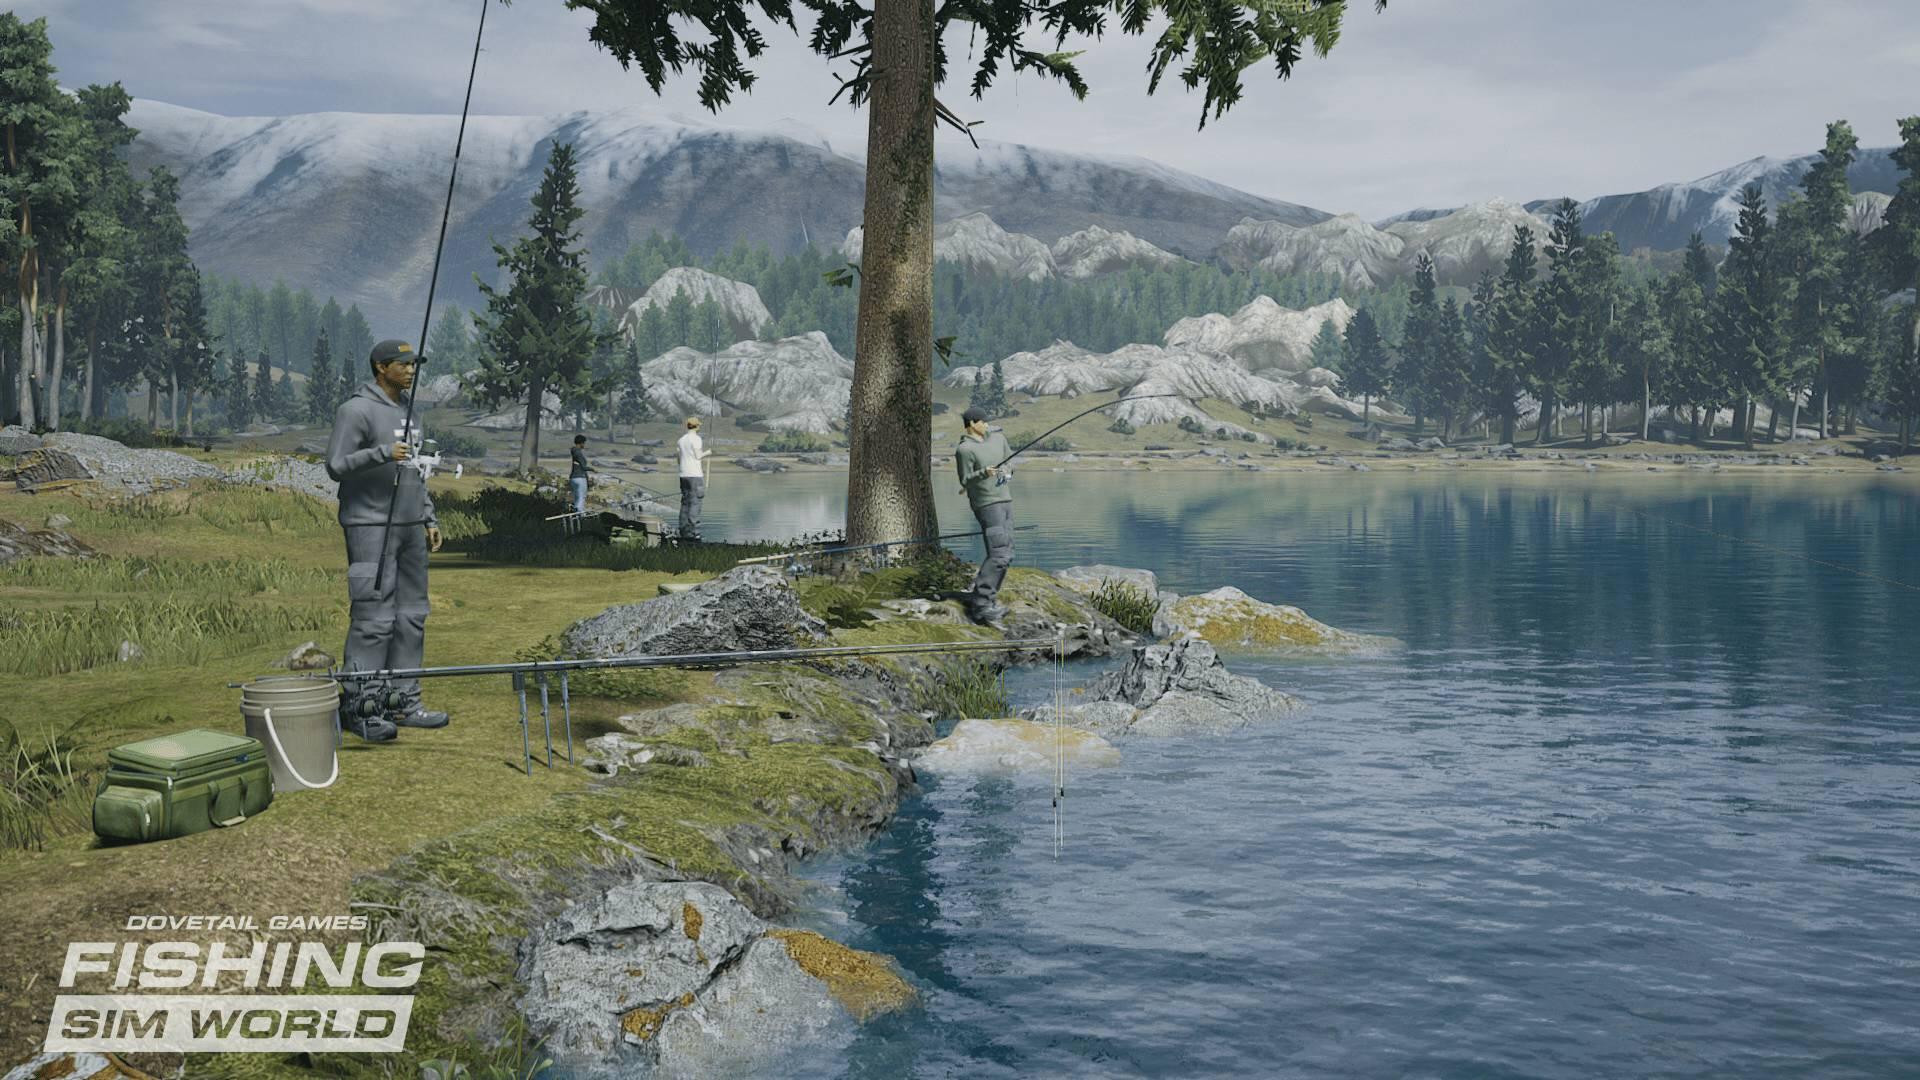 Fishing Sim World ist ab sofort auf PS4, Xbox One und PC erhältlich